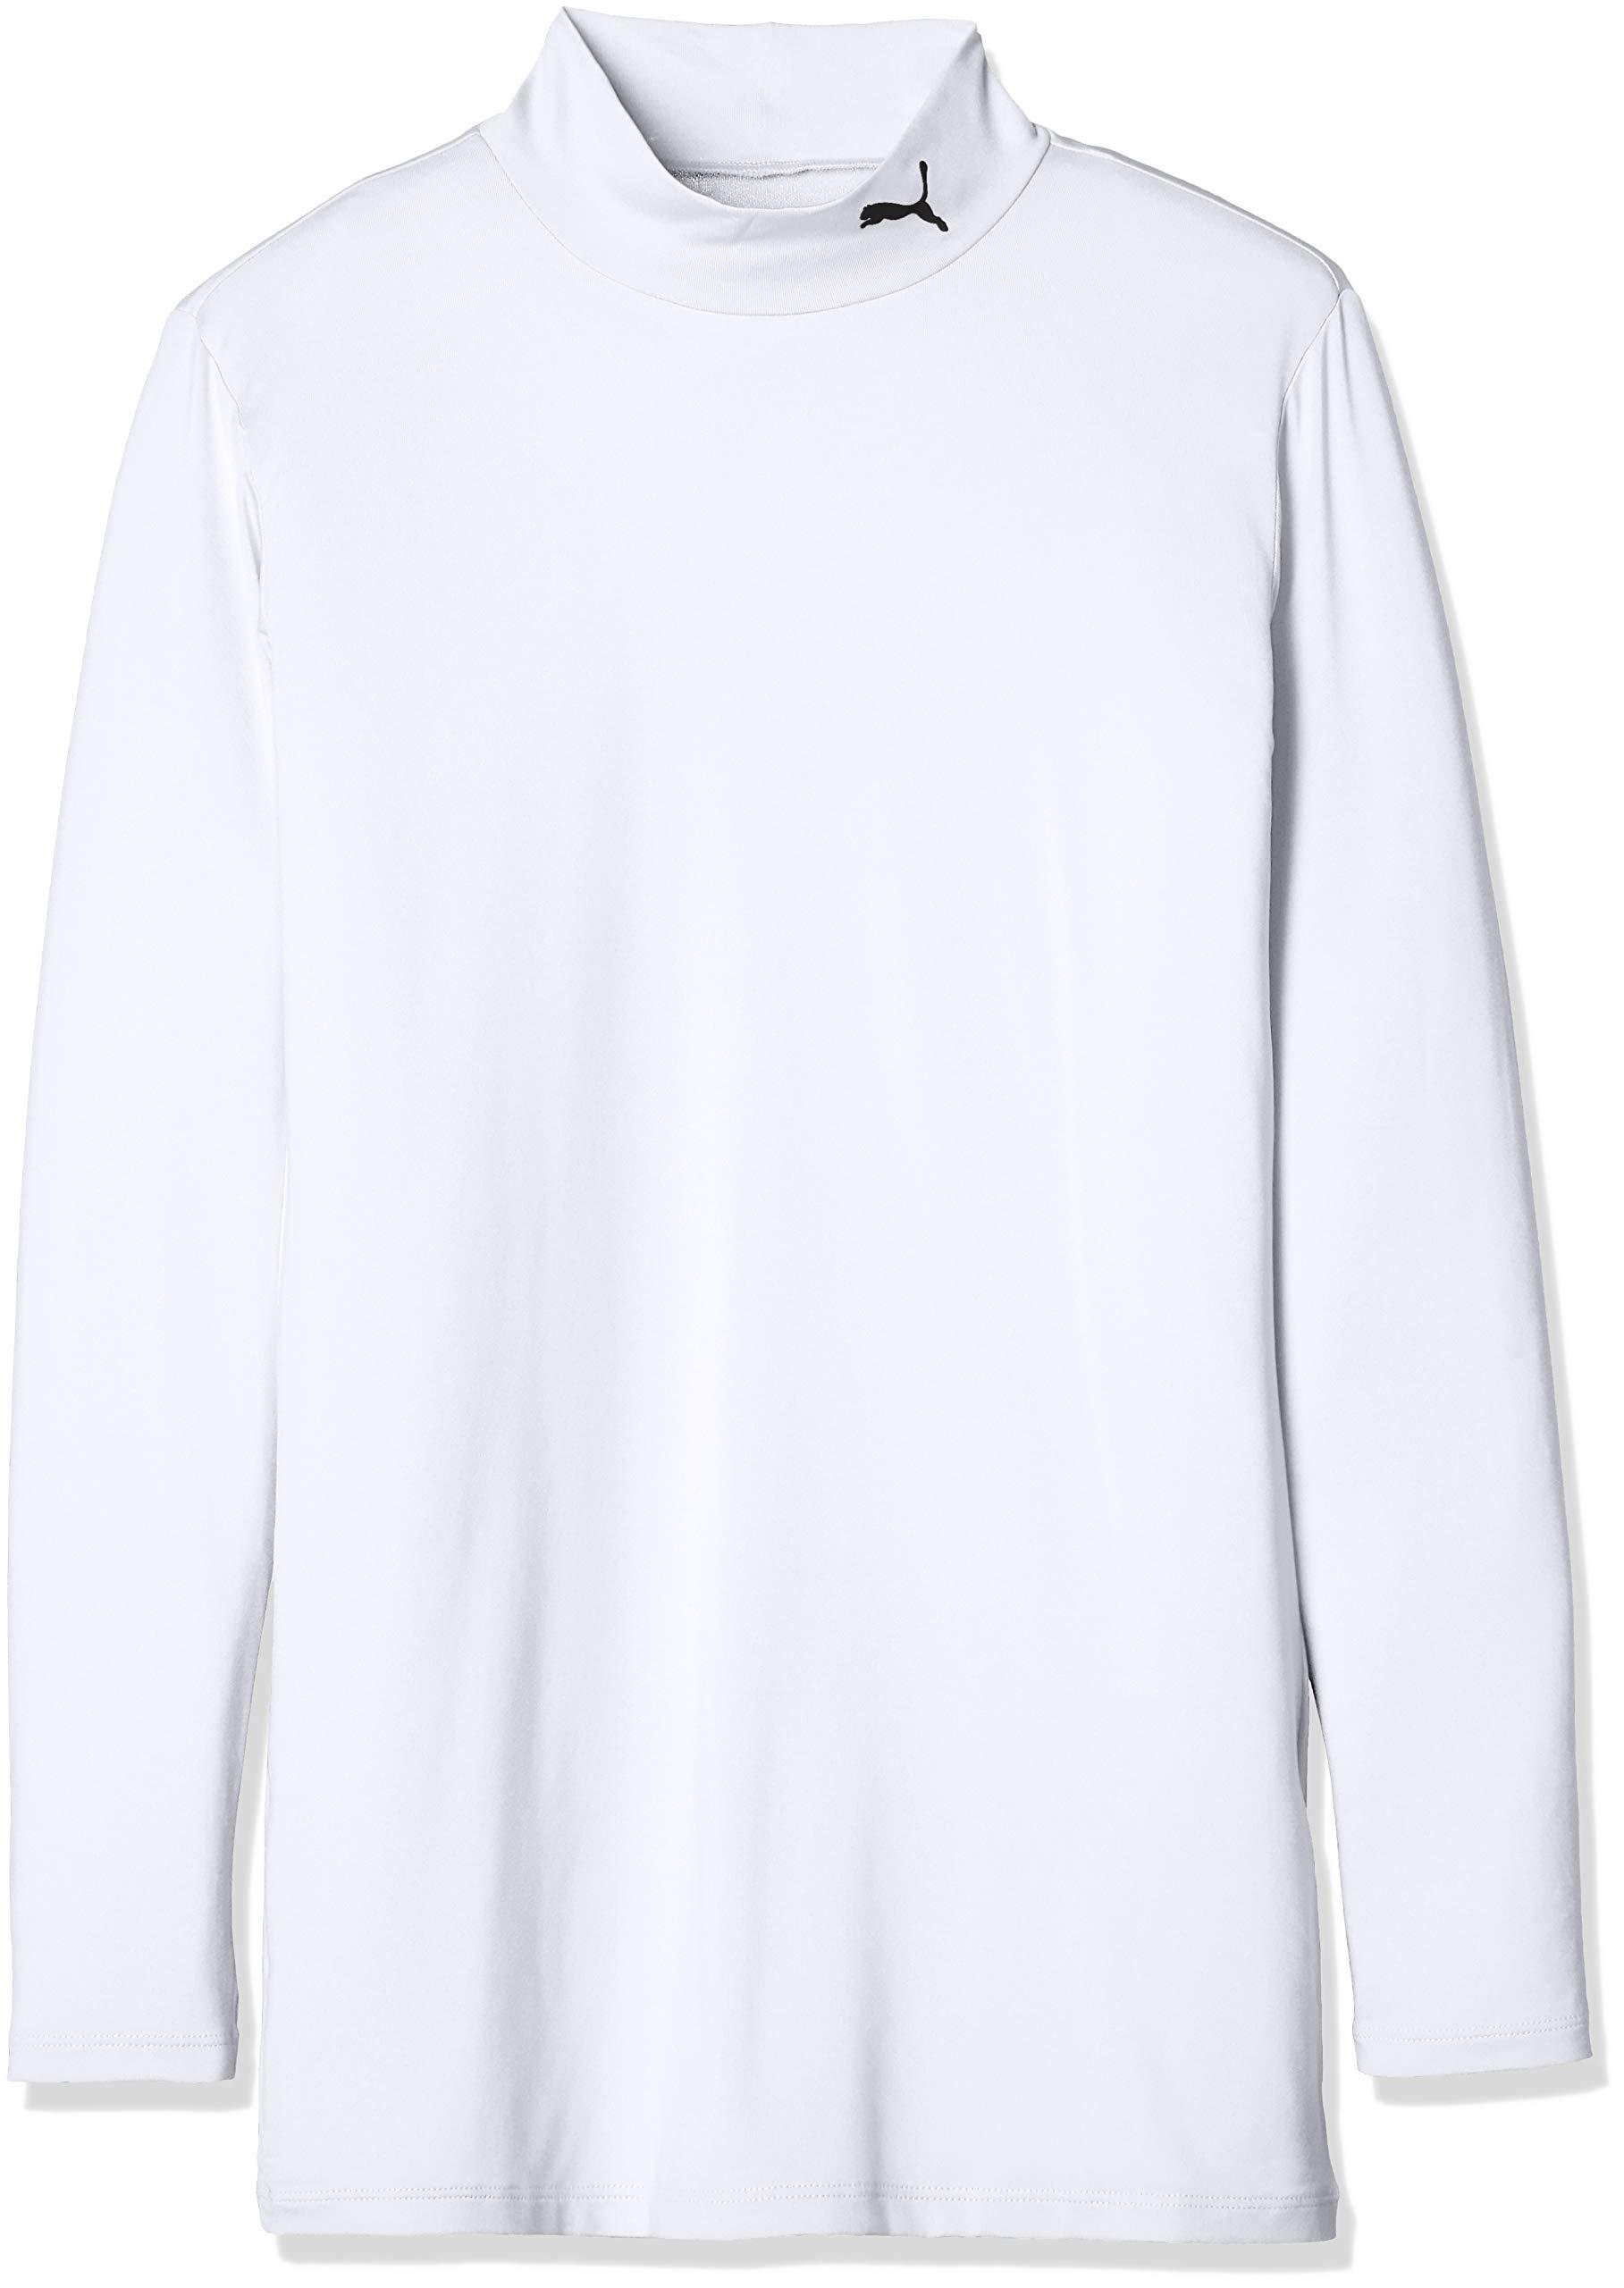 PUMA プーマ サッカー ジュニア長袖インナーシャツ コンプレッション ジュニア モックネック LS 65633204 ボーイズ プーマ ホワイト/プーマ ブラック